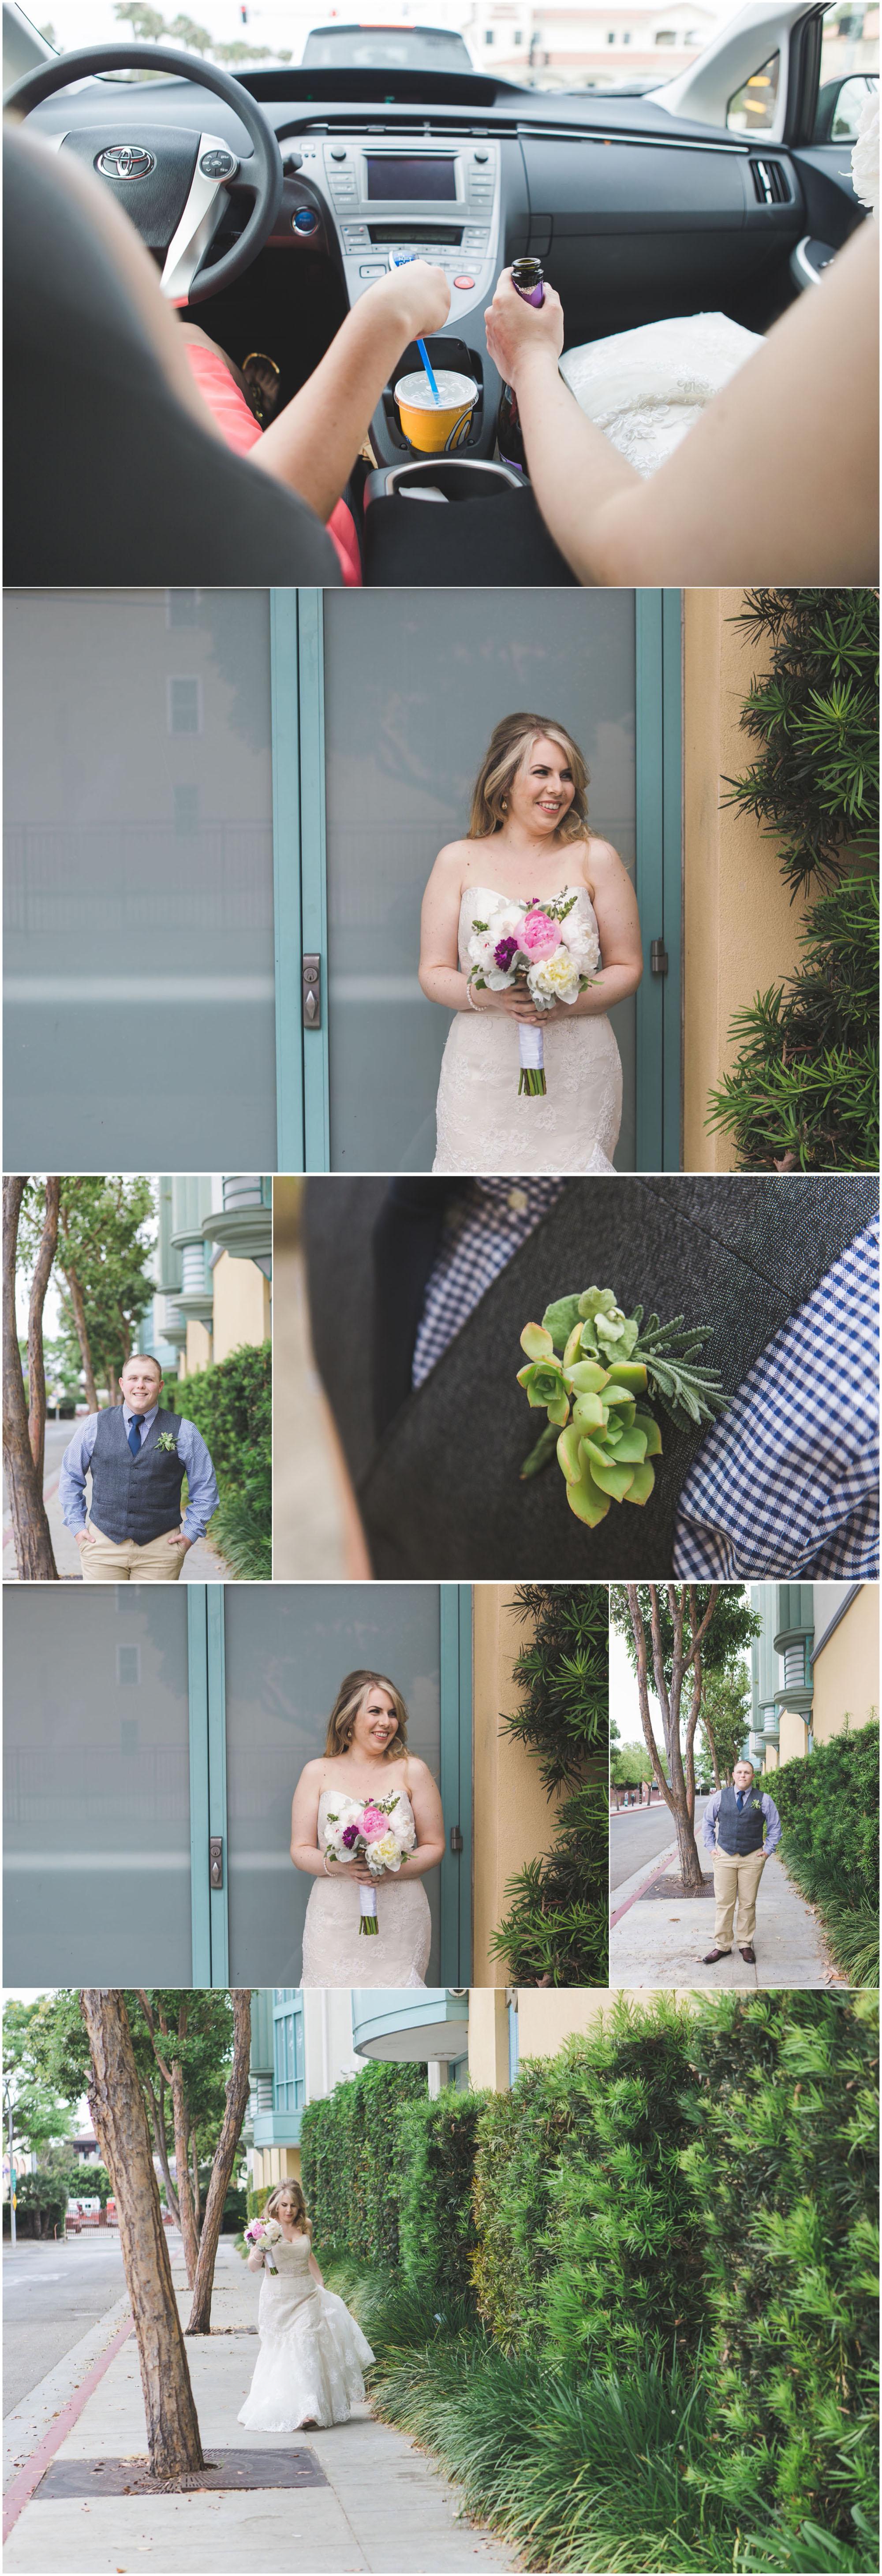 ashley vos photography seattle area wedding photographer courthouse wedding backyard wedding seattle washington_0108.jpg